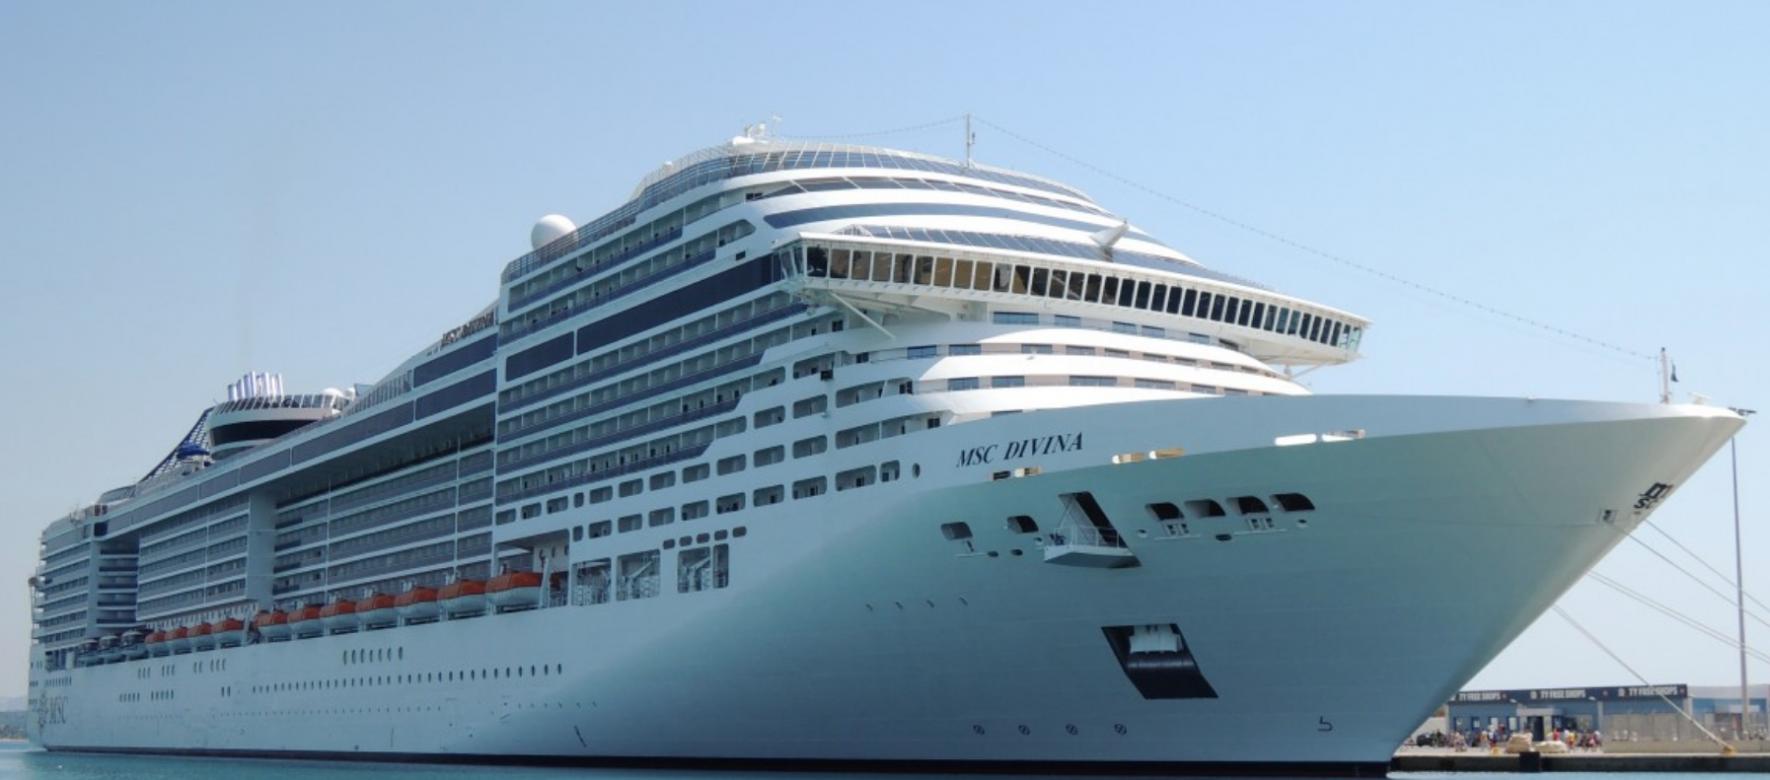 Tunisie : MSC ajoute la Tunisie et le port de La Goulette à ses croisières en Méditerranée pour l'été 2022